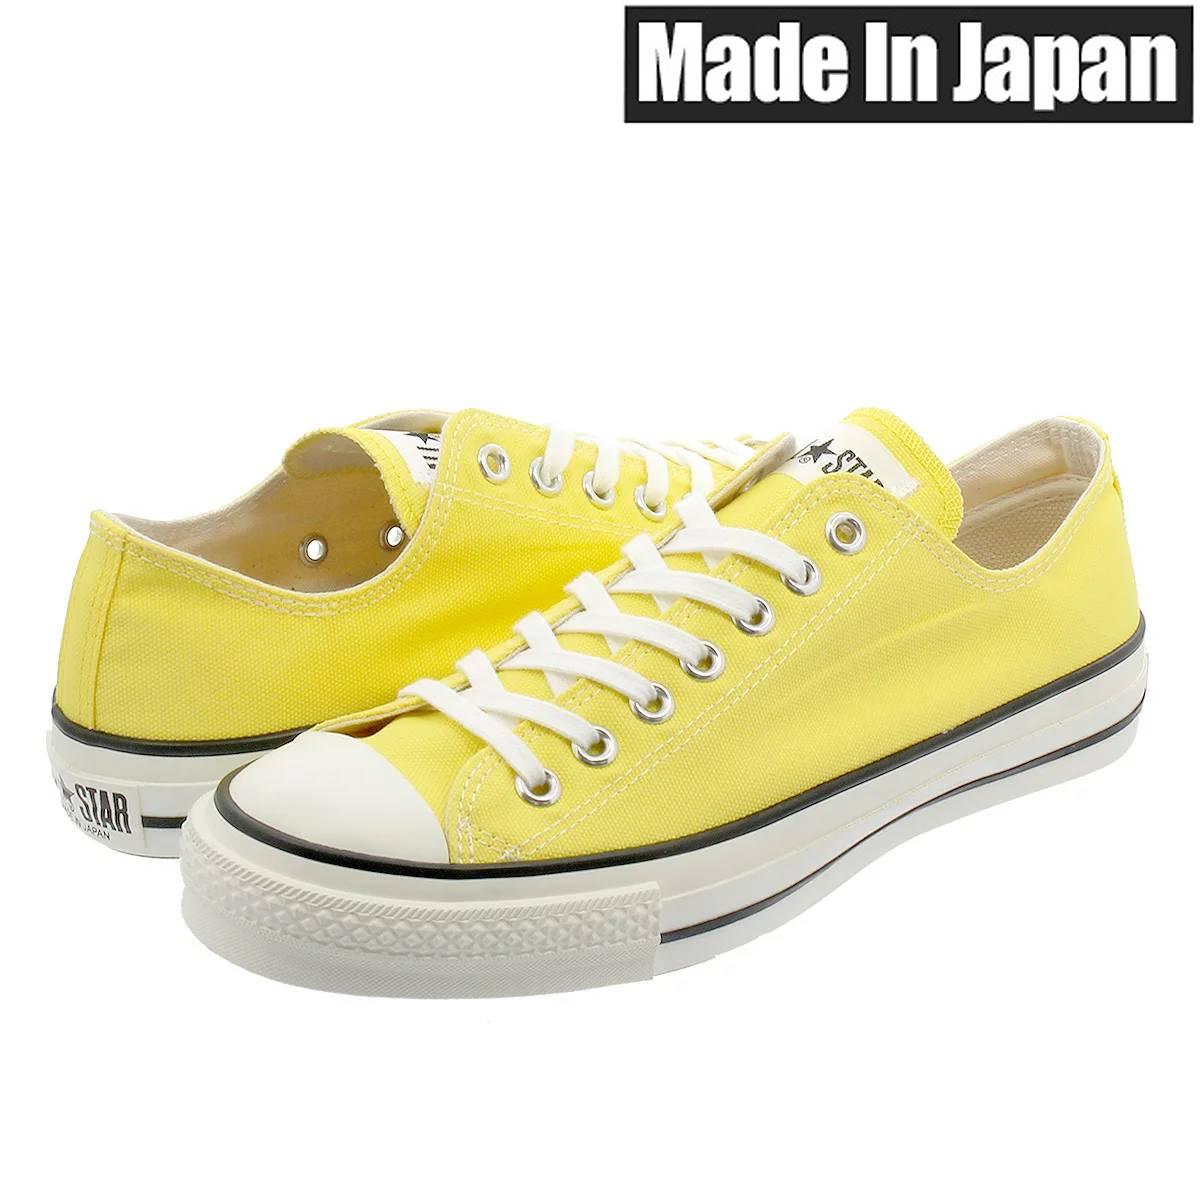 【毎日がお得!値下げプライス】 CONVERSE CANVAS ALL STAR J OX 【MADE IN JAPAN】【日本製】 コンバース キャンバス オールスター J OX YELLOW 32169373